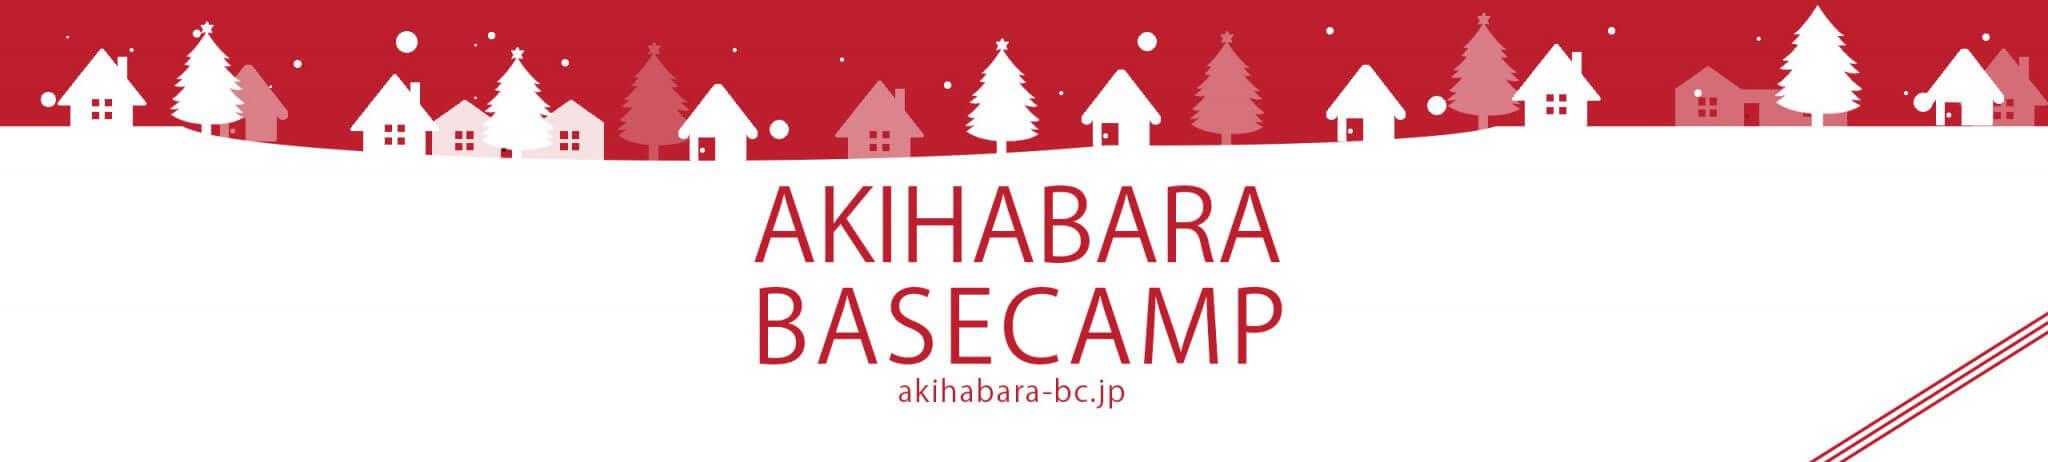 秋葉原ベースキャンプ